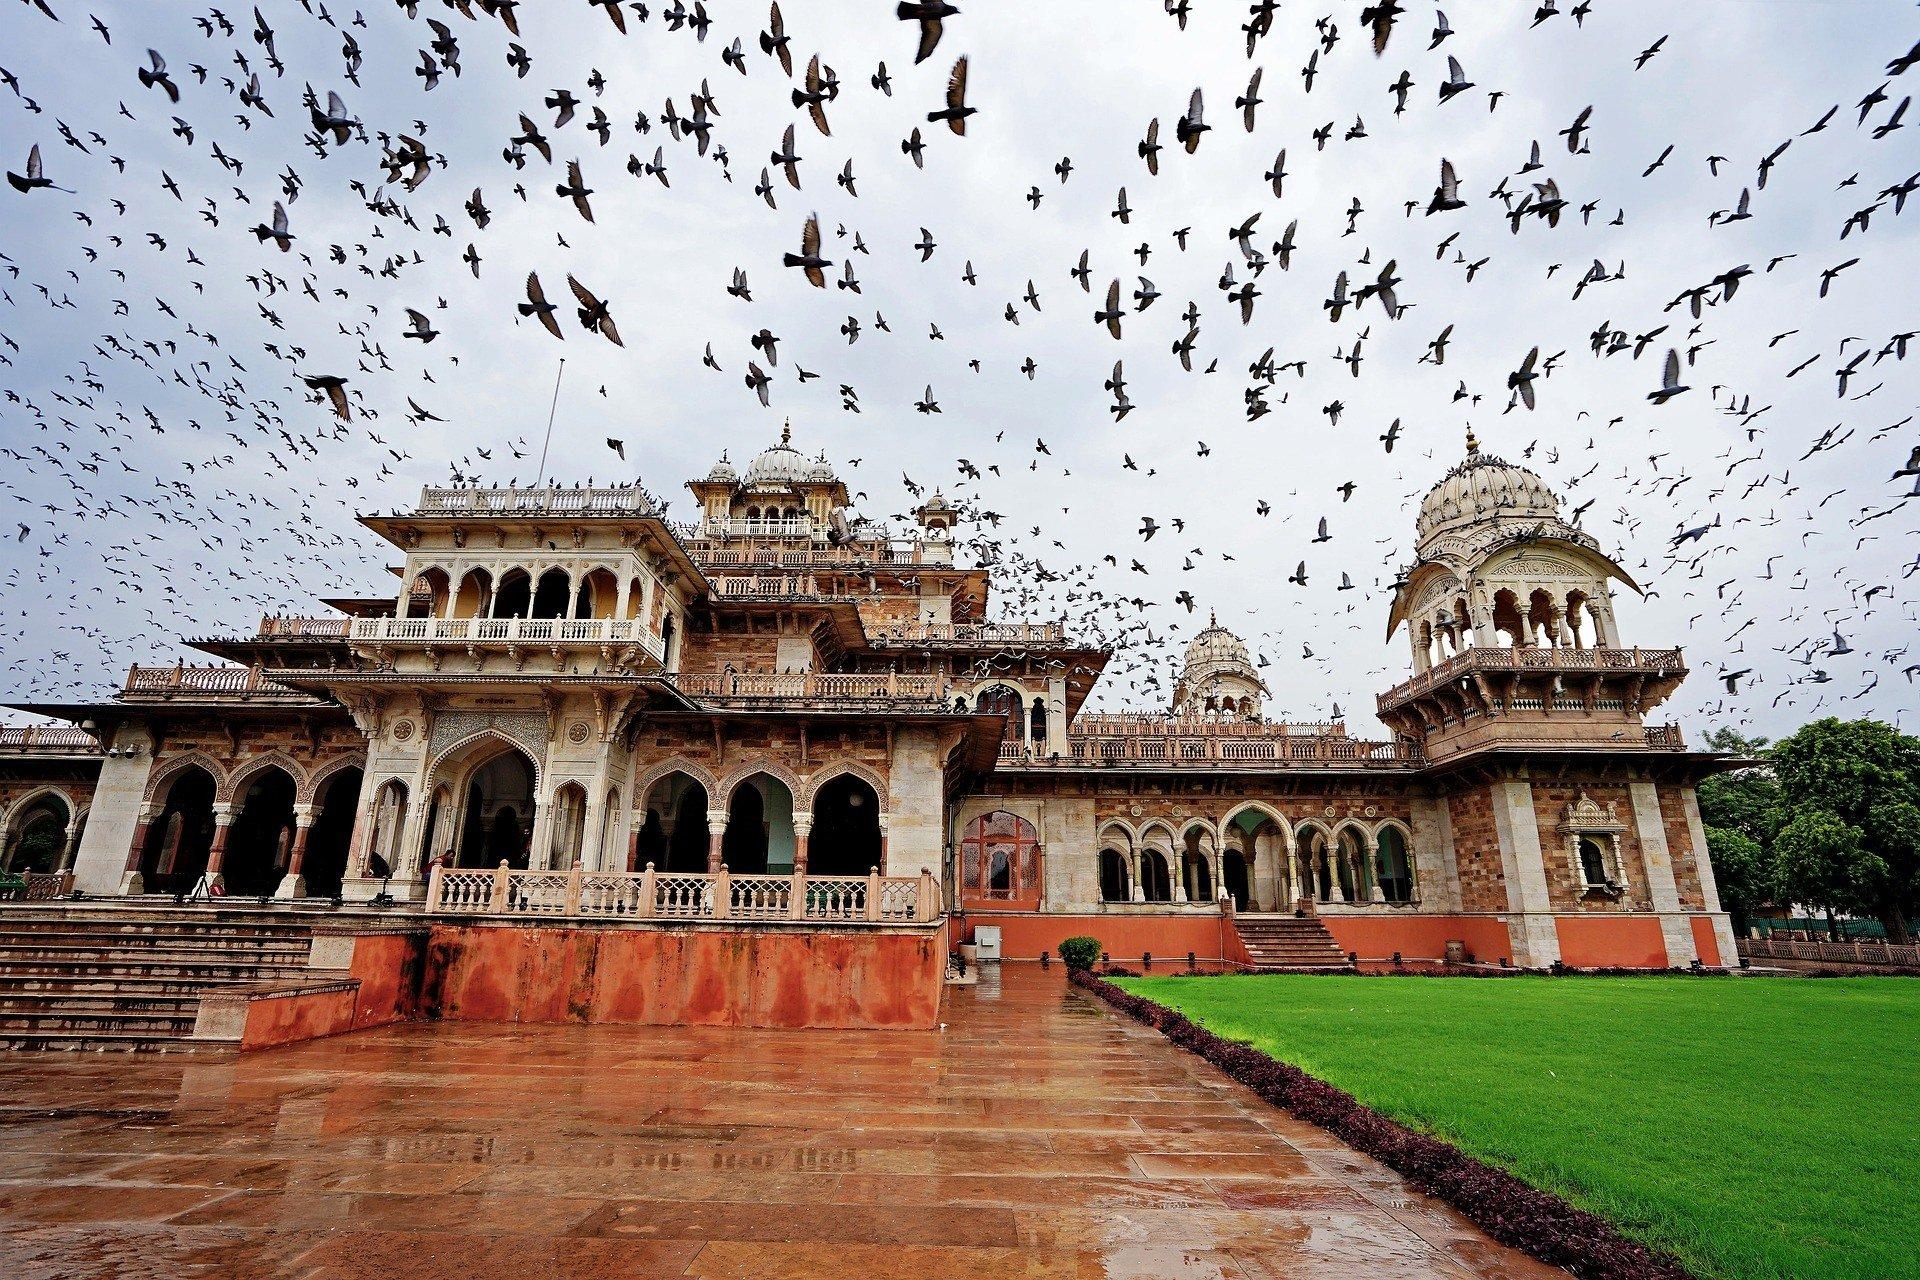 Raja Park, Jaipur